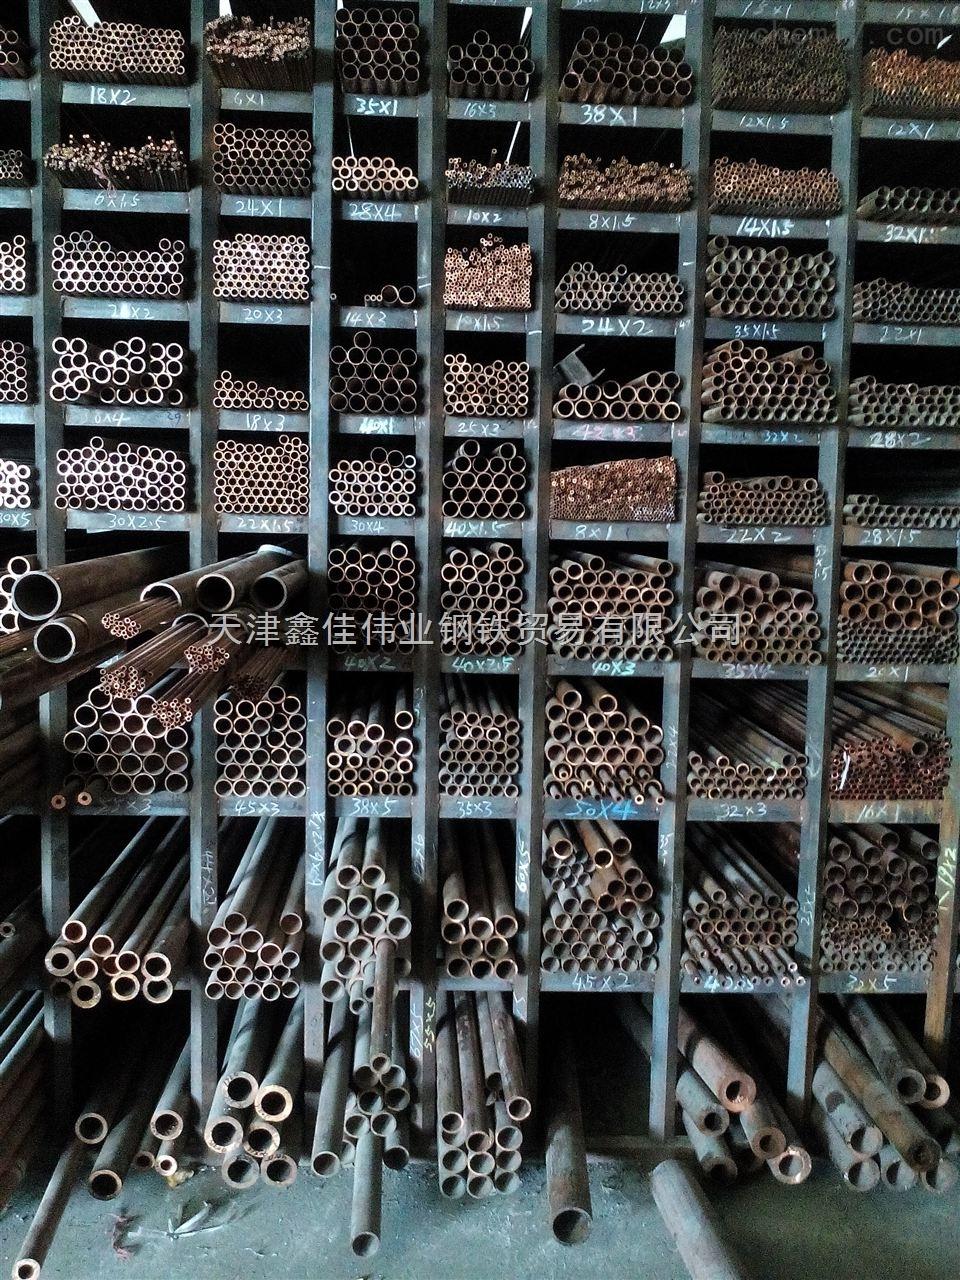 宿迁冷媒铜管价格,空调冷媒铜管价格